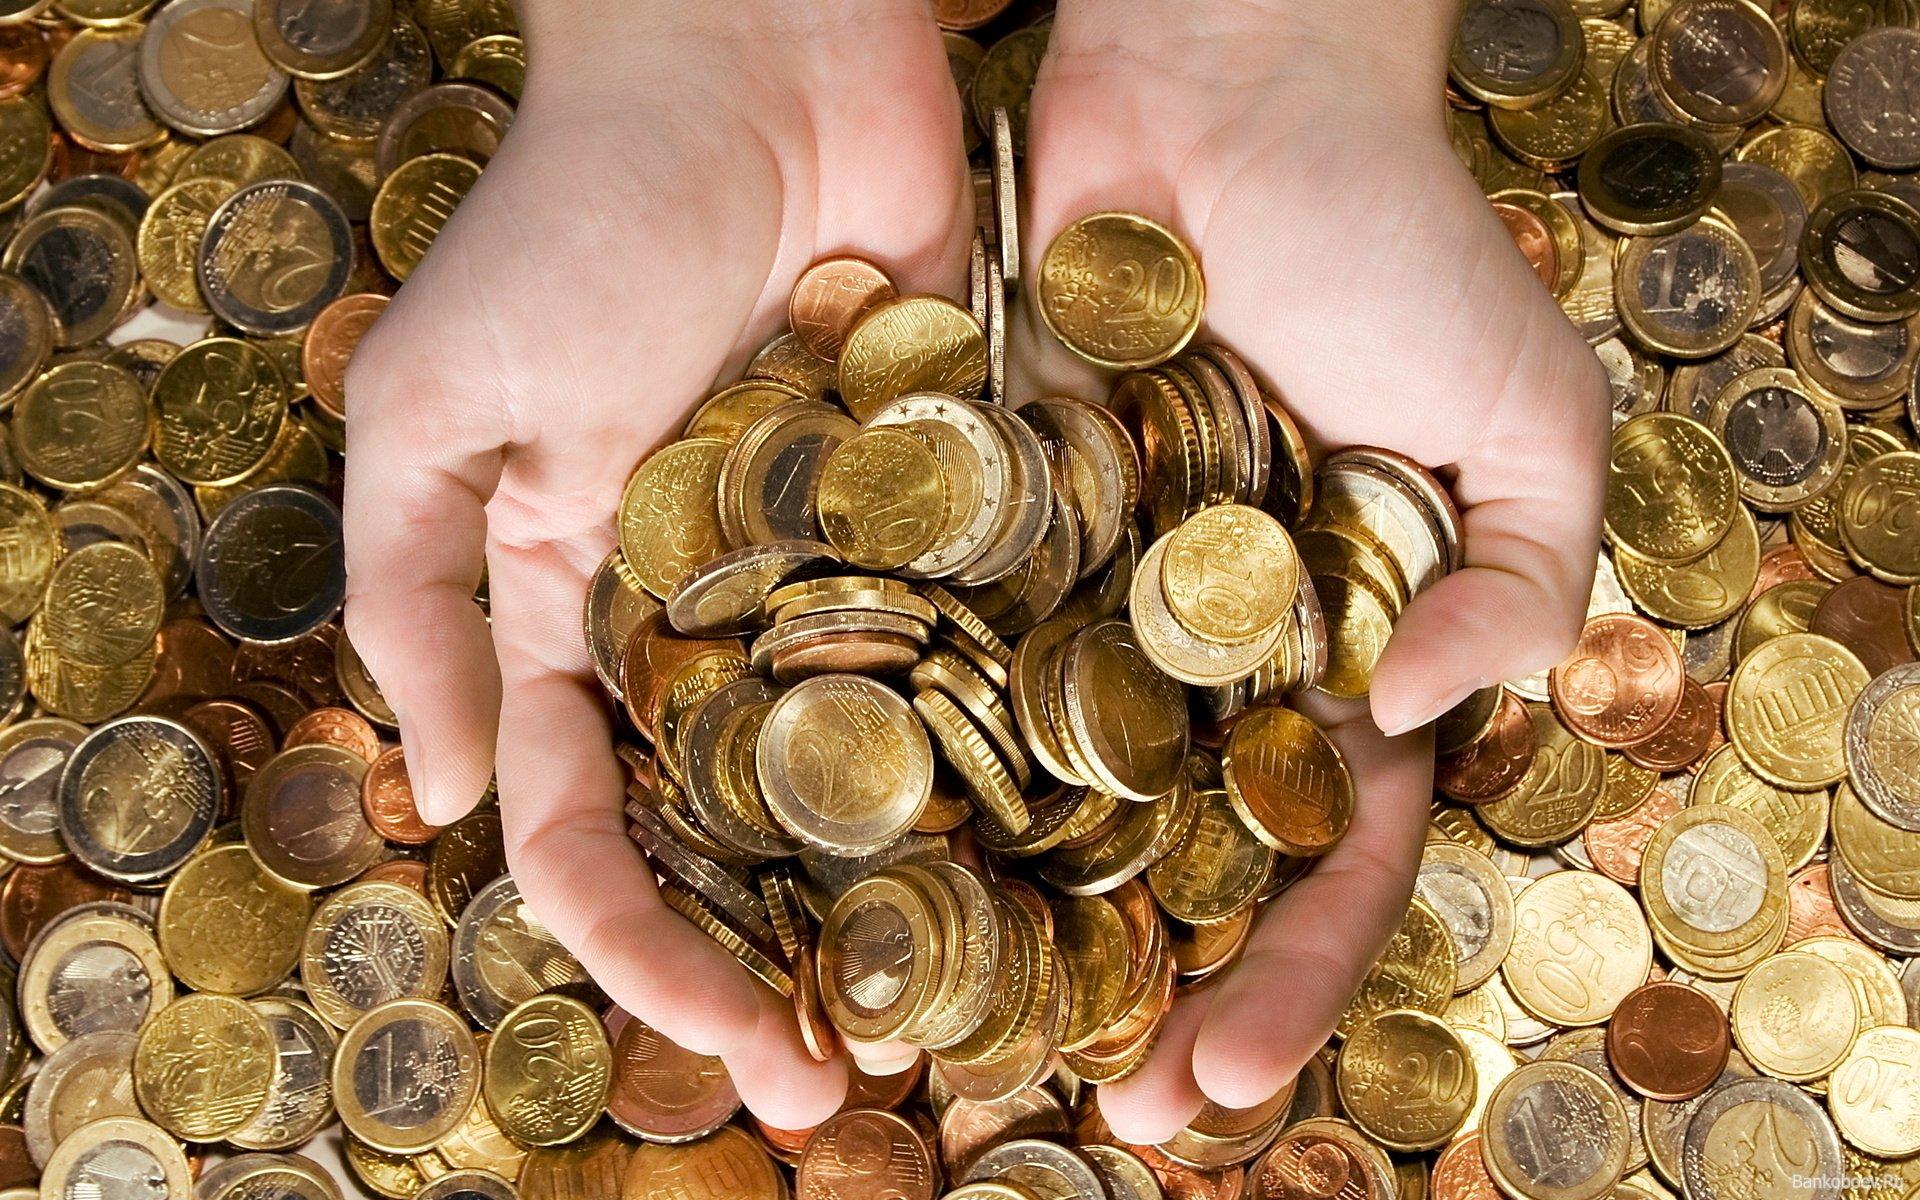 Можно ли выжить без денег?